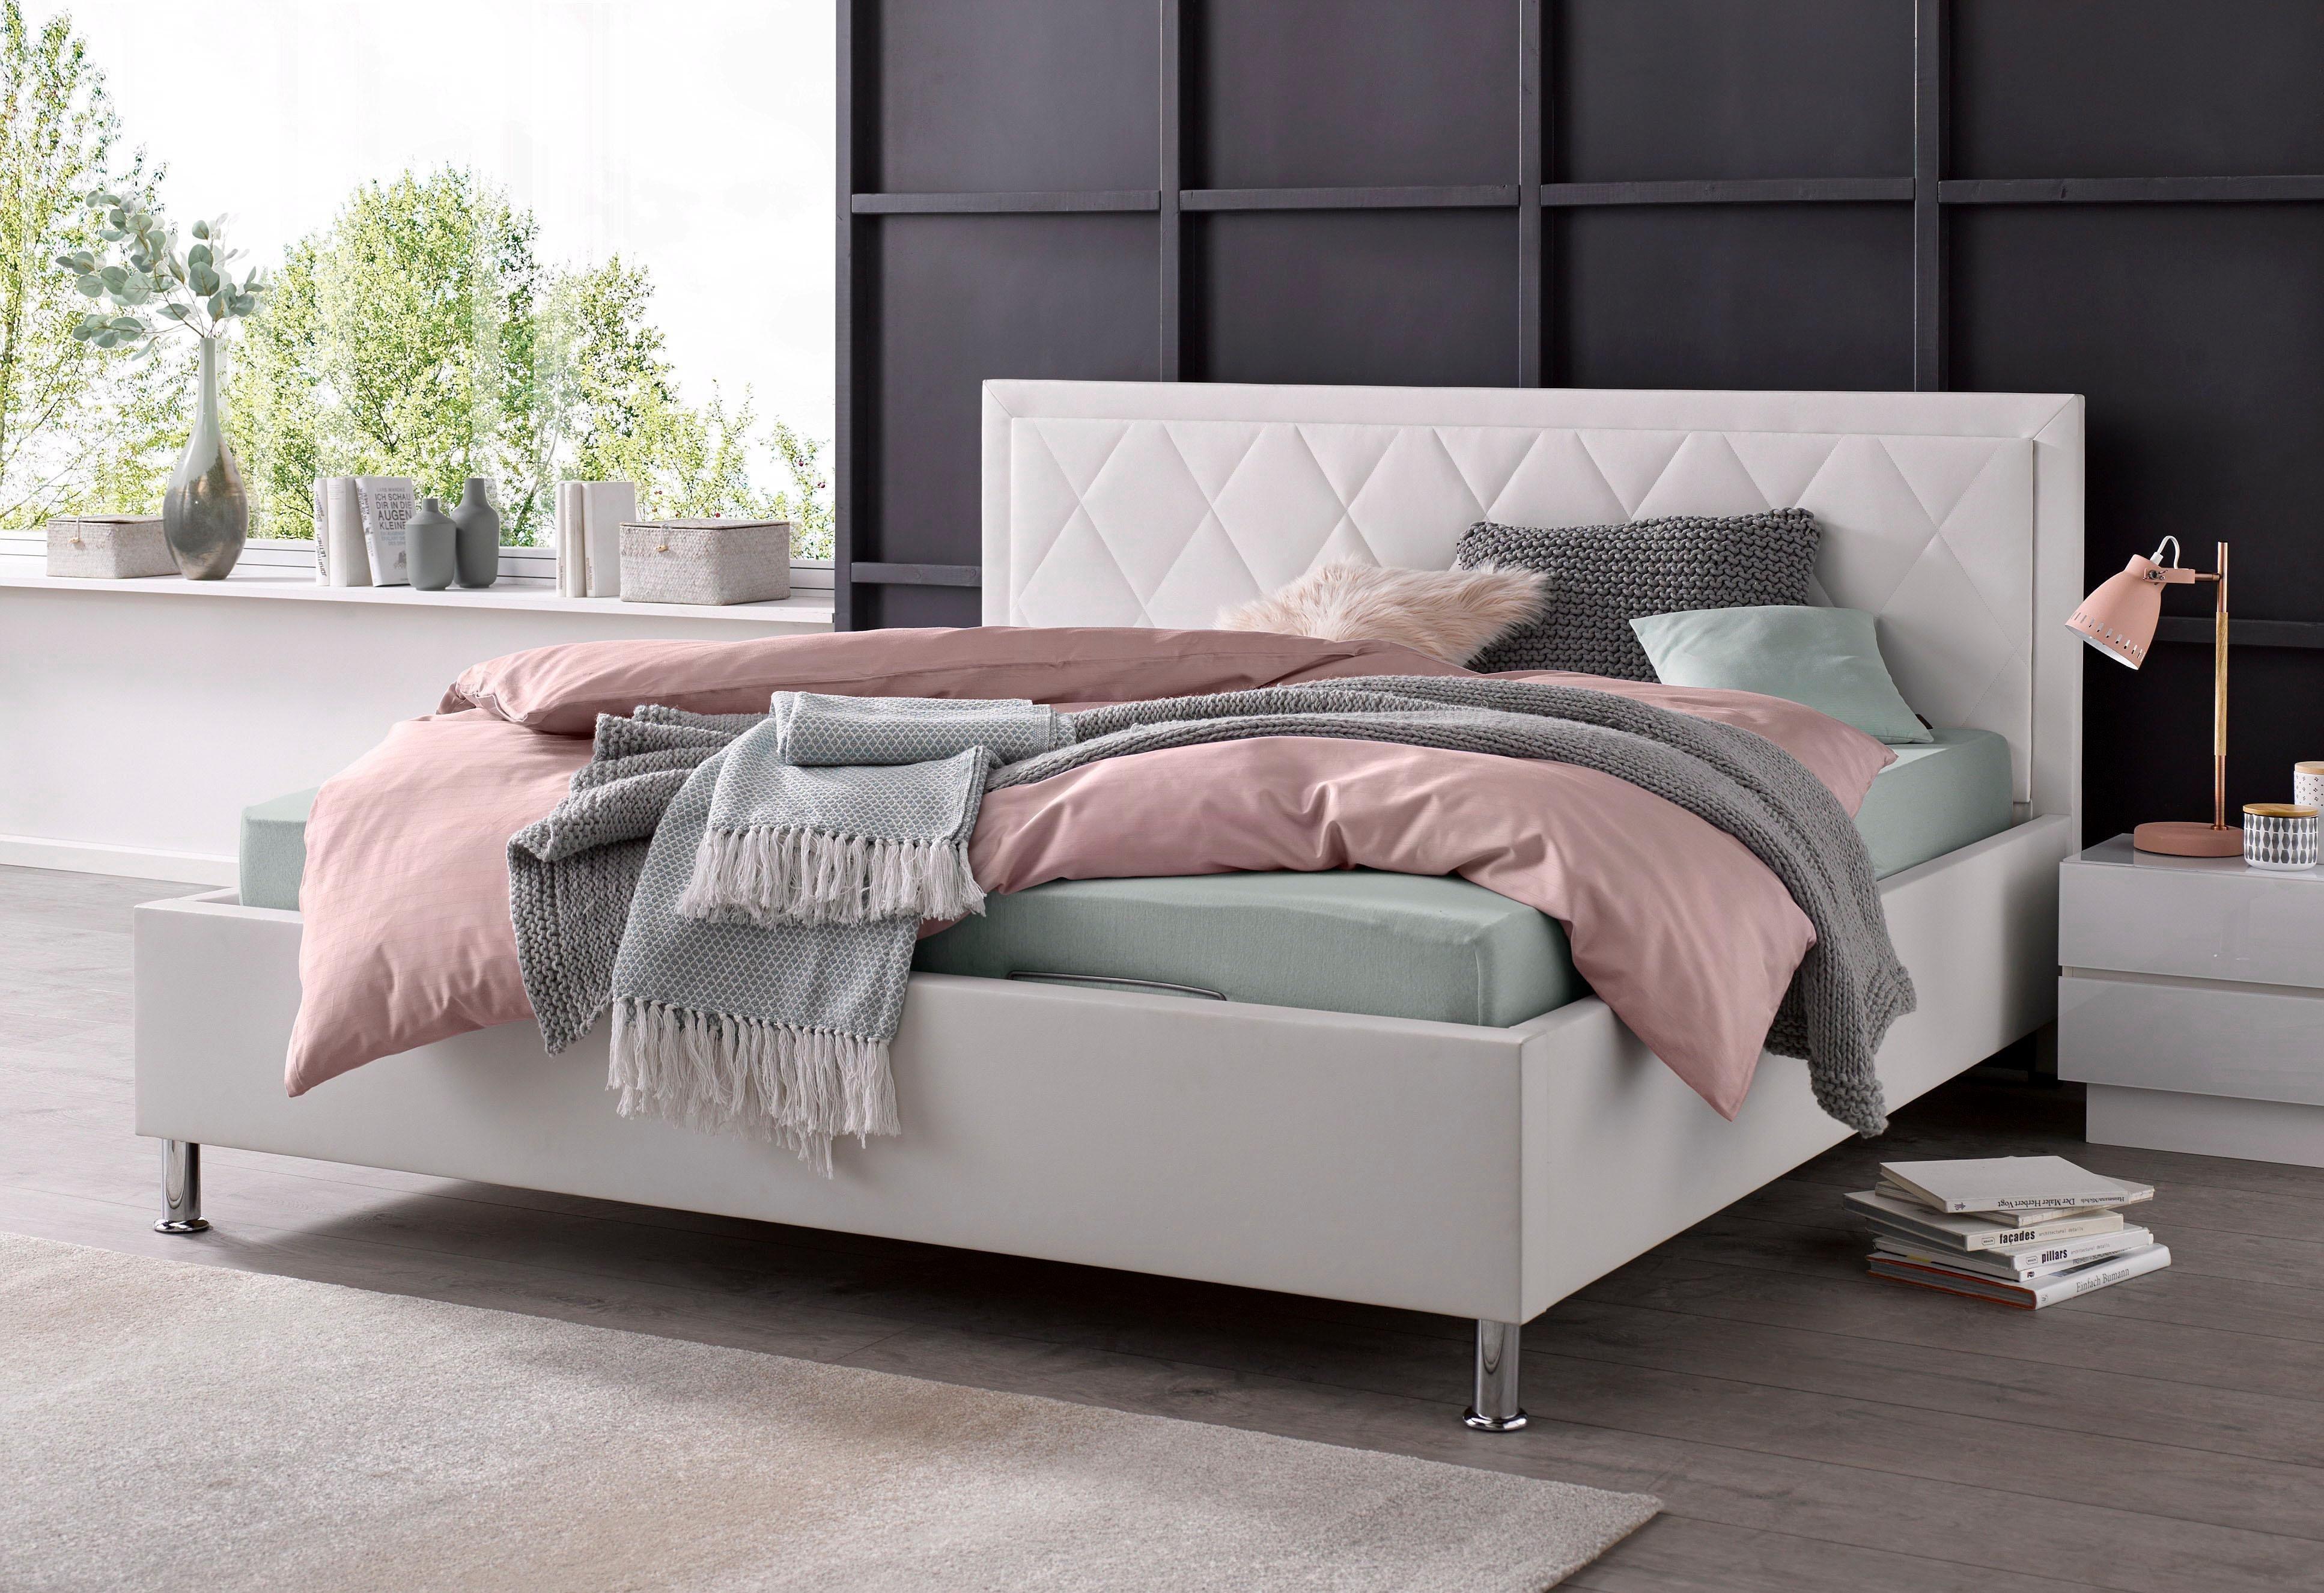 Doppelbett 160x200 Mit Lattenrost Bett 180x200 Komplett Mit